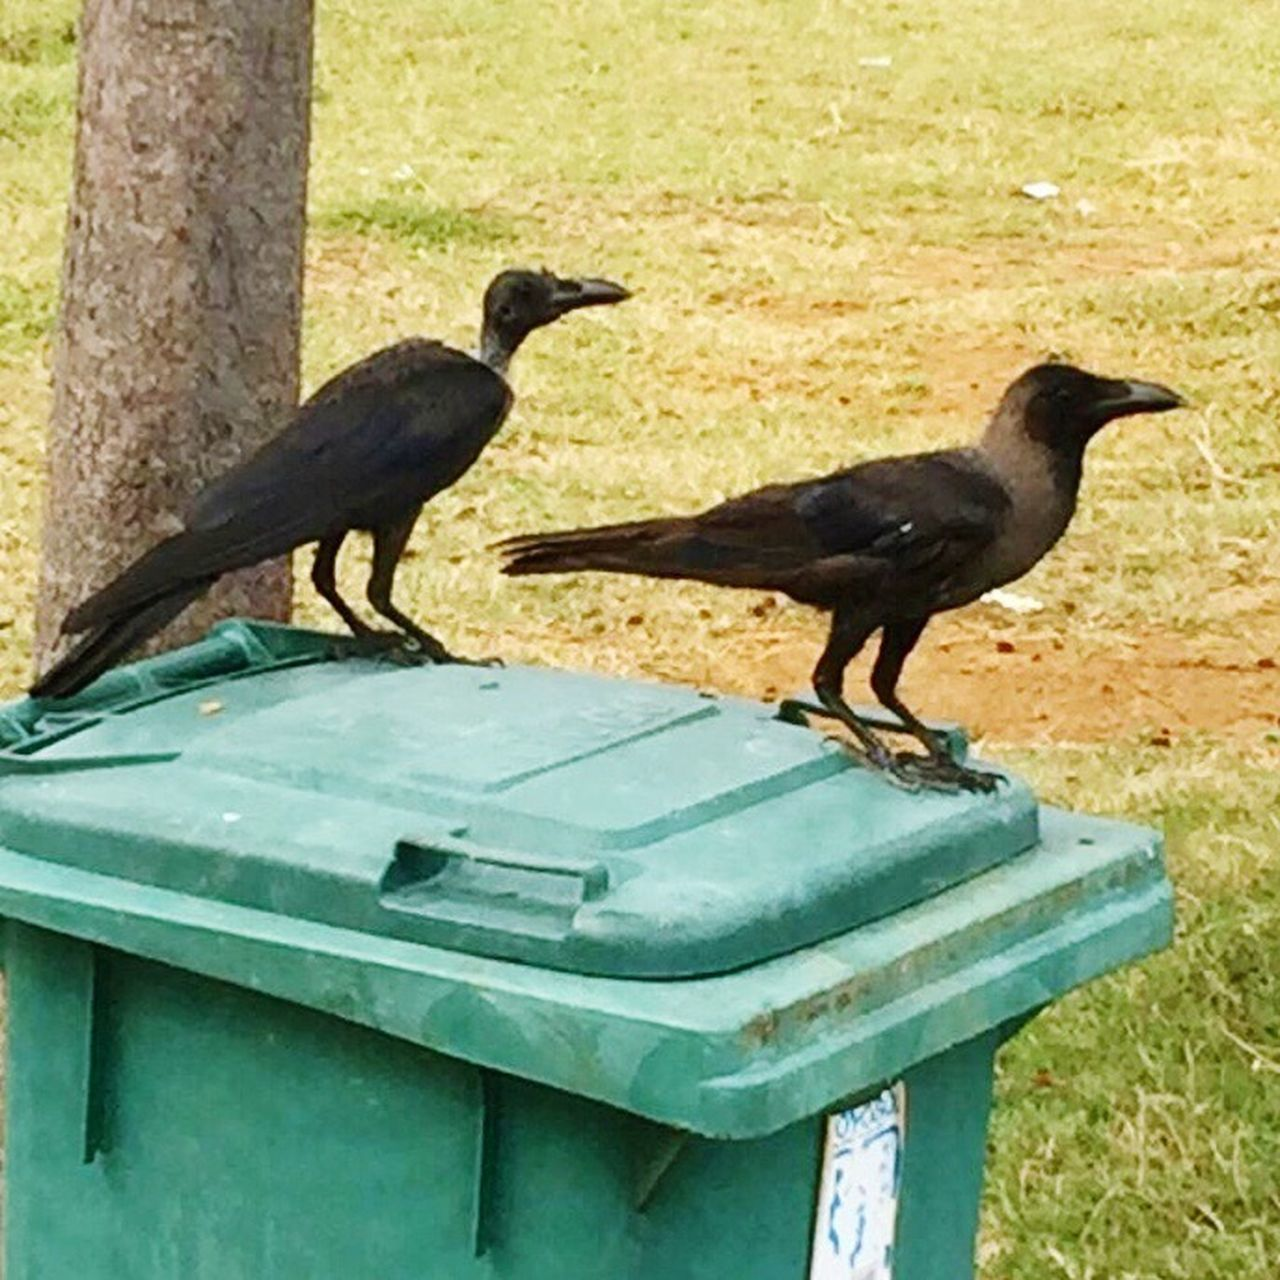 Two Ugly Birds Ugly Birds Birds Bin Crow Bird Animals In The Wild Malaysia